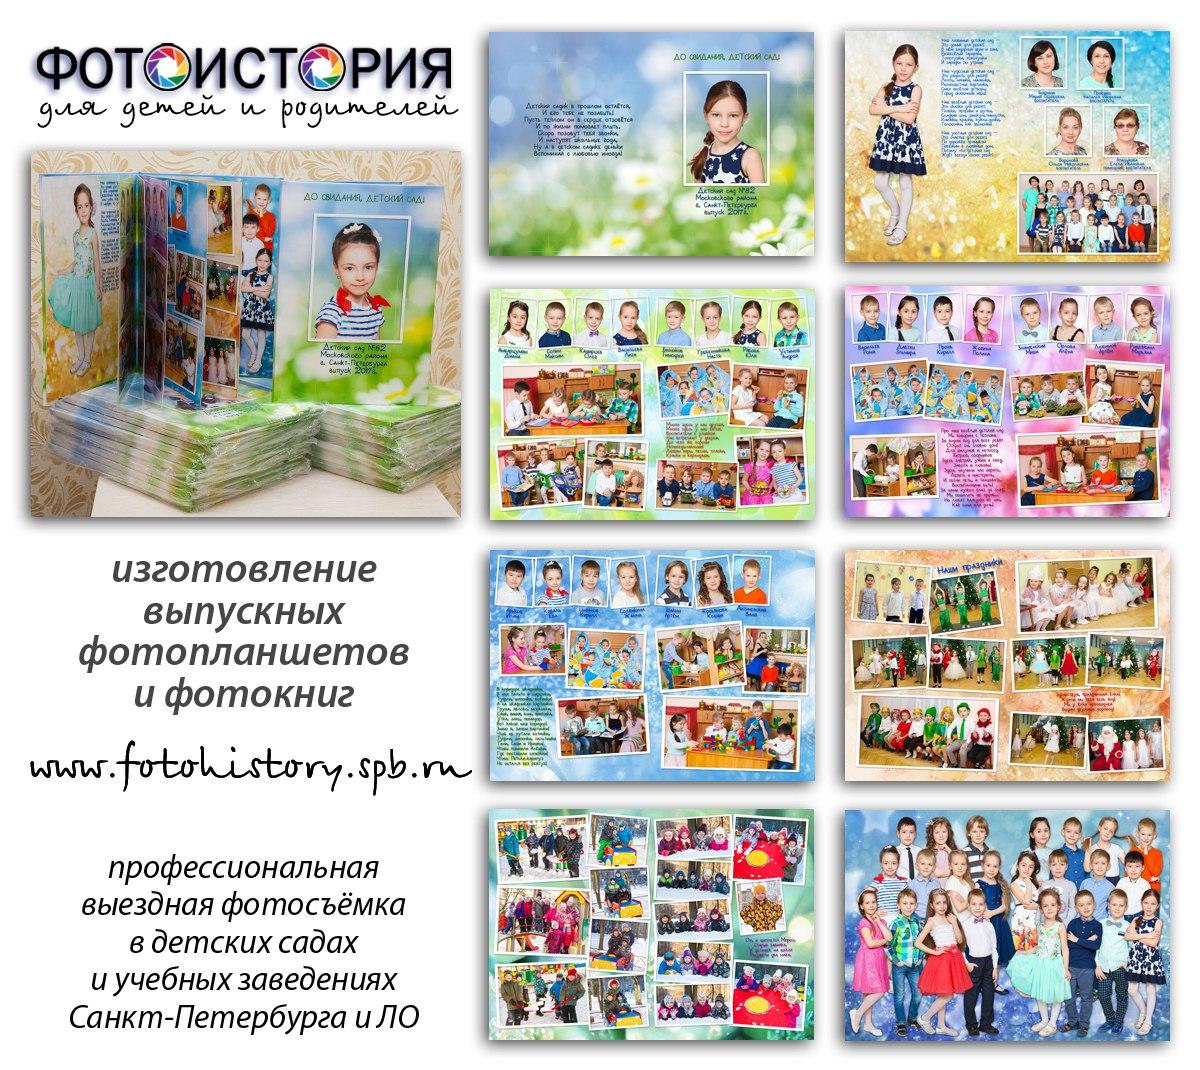 Выпускная фотокнига «Цветная фантазия»  . Выпускные фотокниги «Цветная фантазия» приехали ксвоим маленьким хозяевам вдетский сад №82Московского р-на Санкт-Петербурга